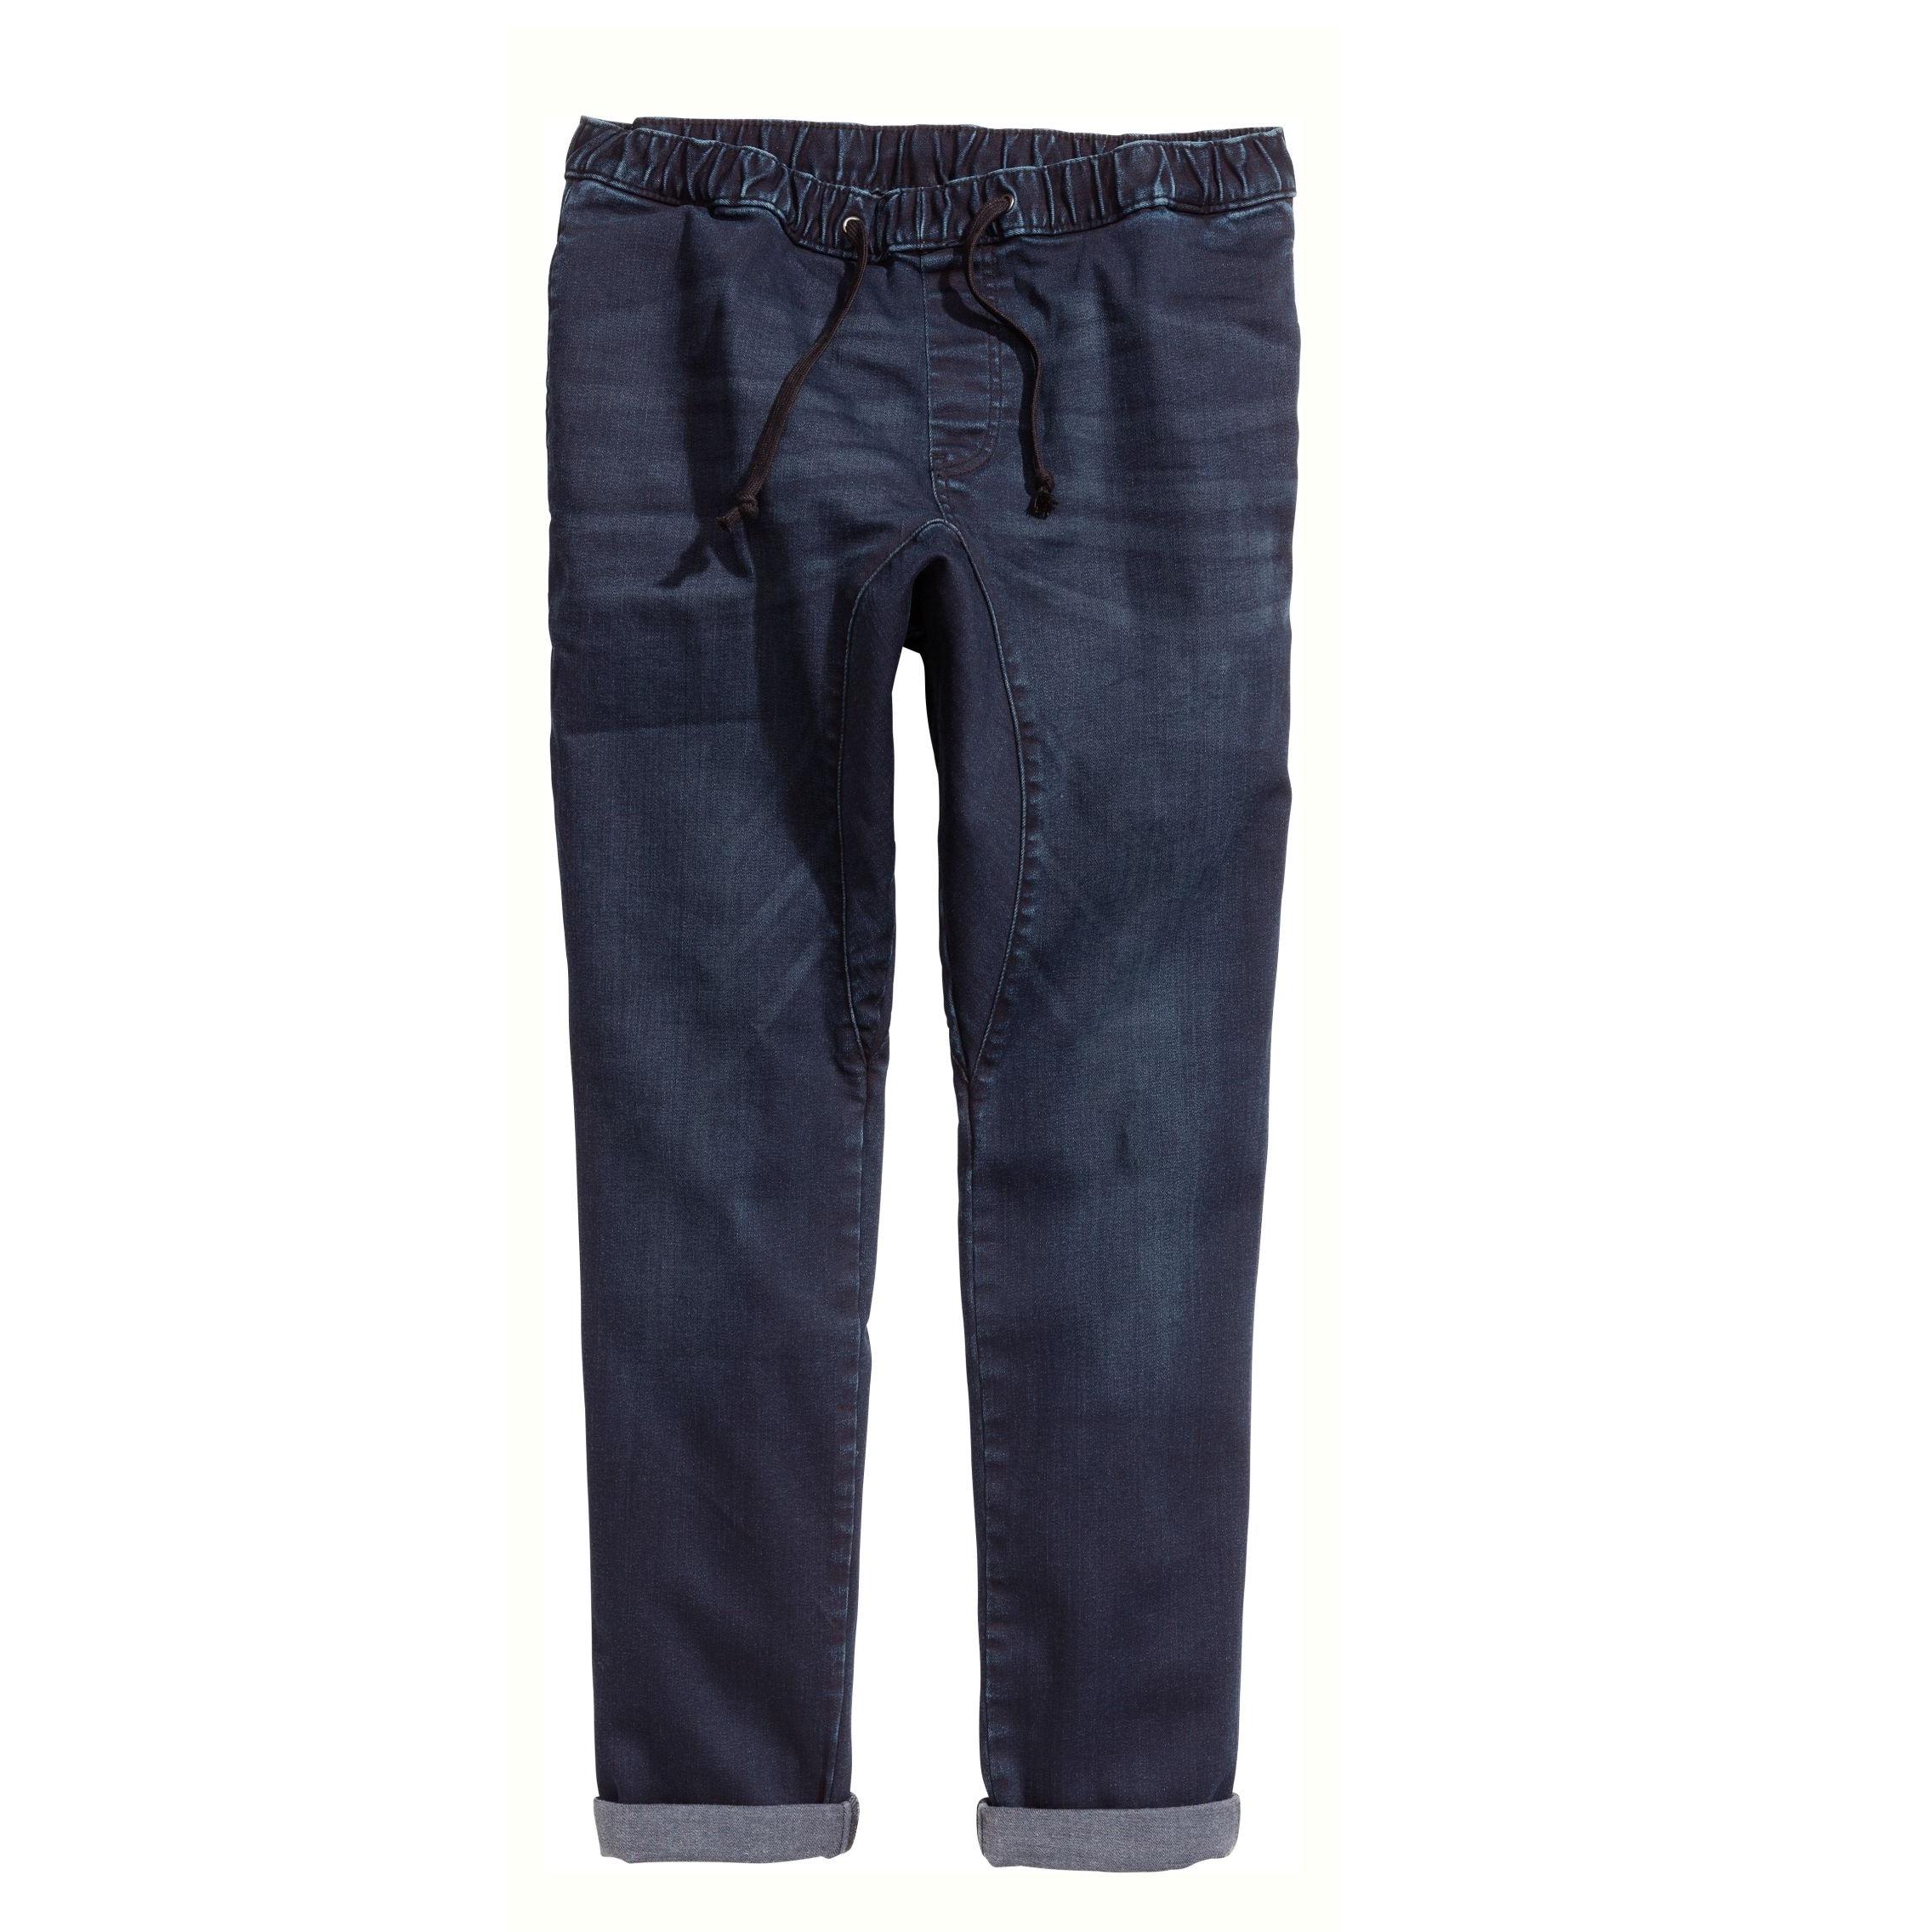 شلوار جین مردانه اچ اند ام مدل 00478